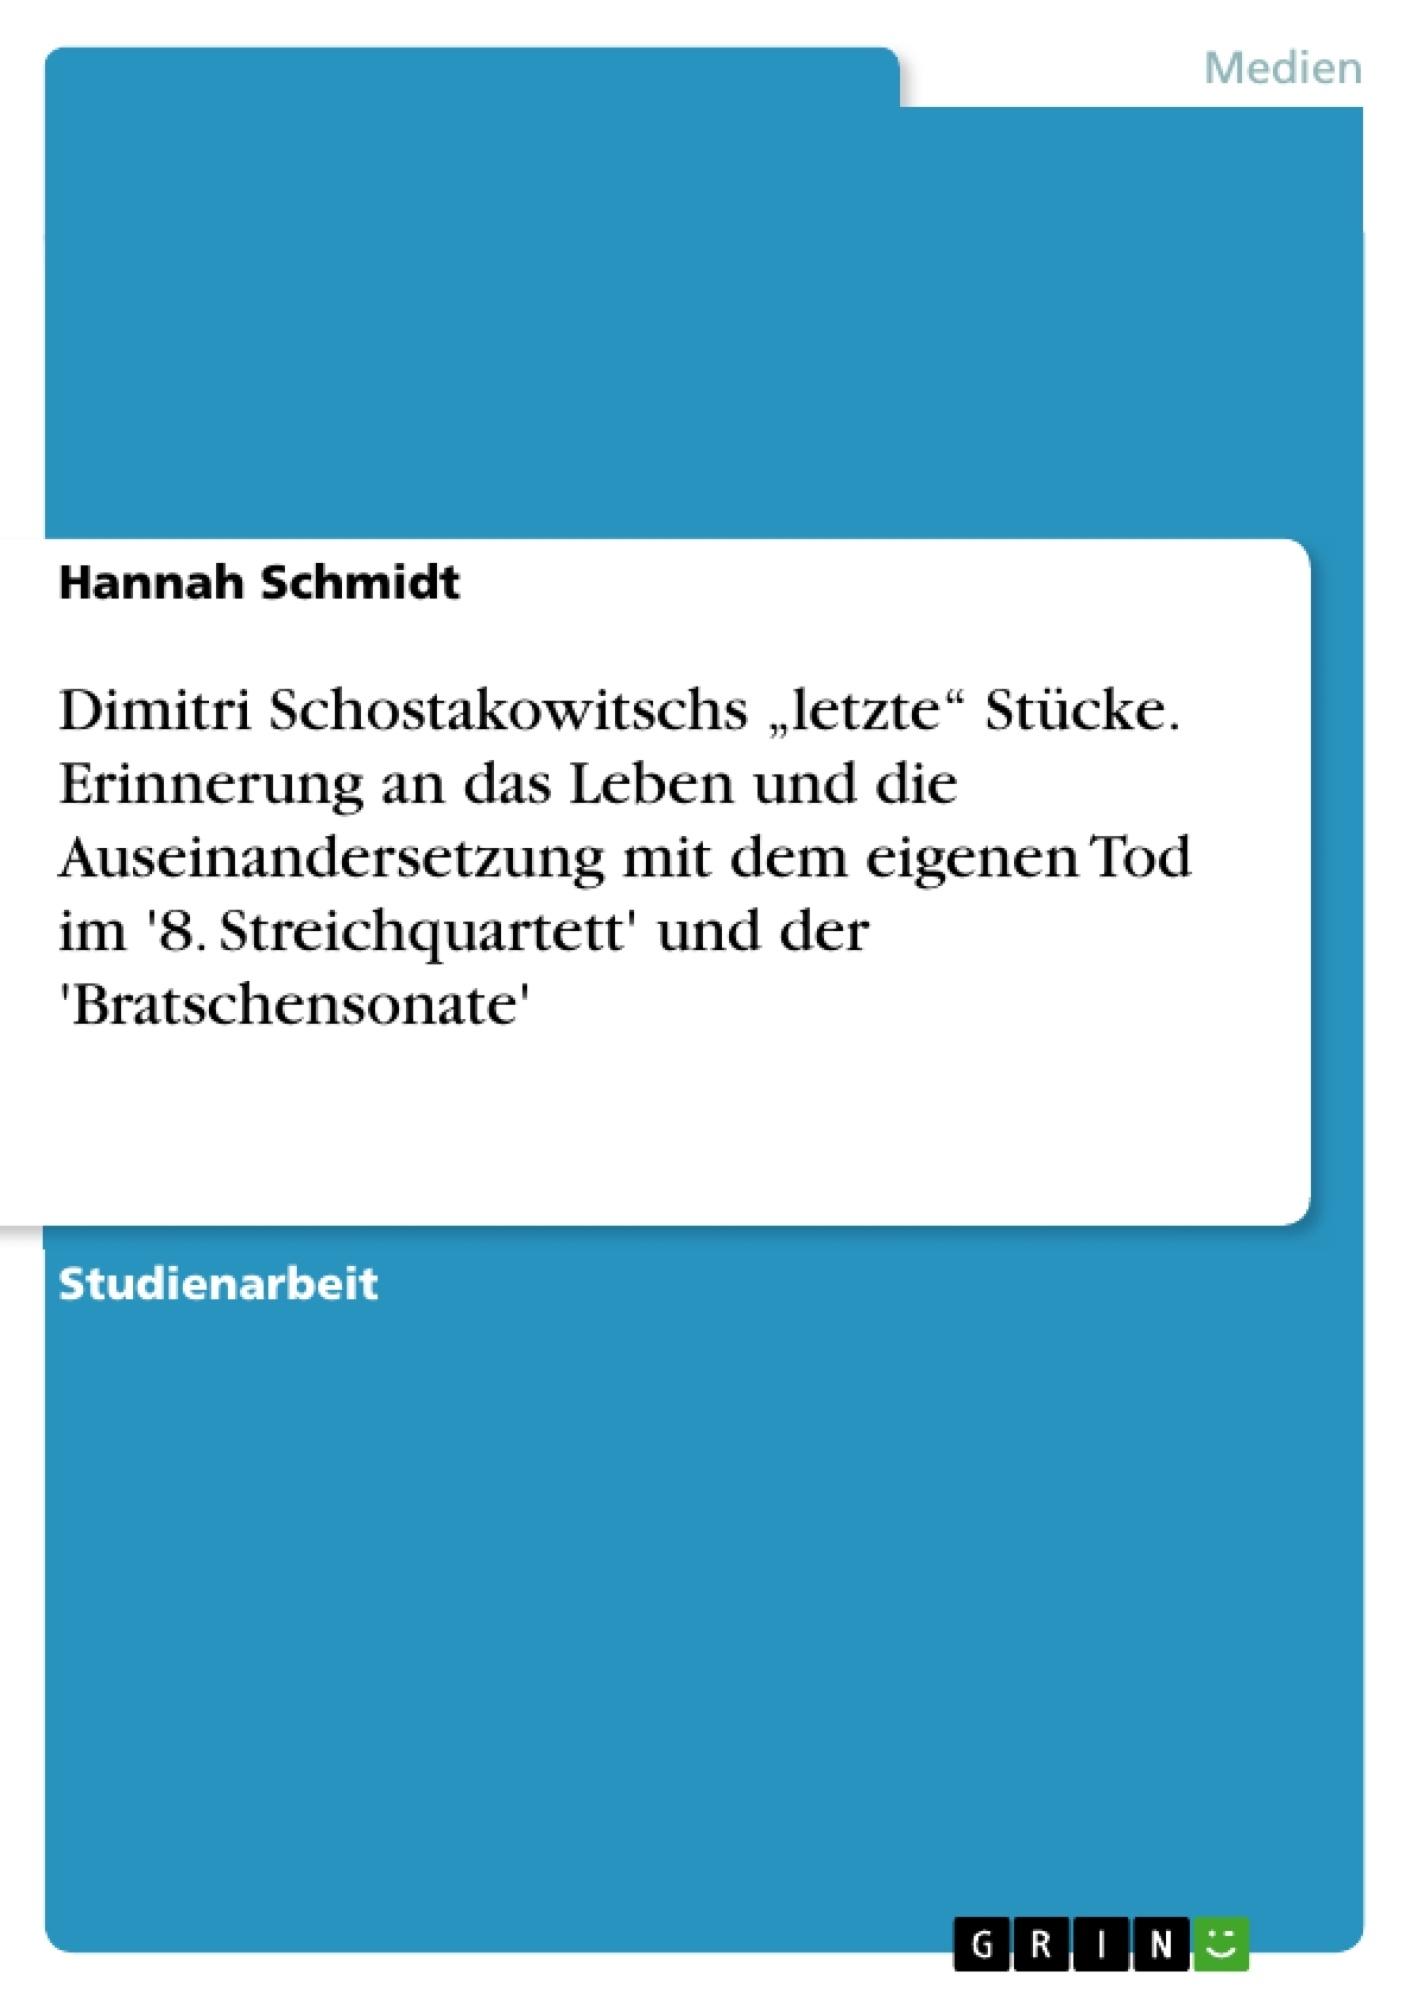 """Titel: Dimitri Schostakowitschs """"letzte"""" Stücke. Erinnerung an das Leben und die Auseinandersetzung mit dem eigenen Tod im '8. Streichquartett' und der 'Bratschensonate'"""